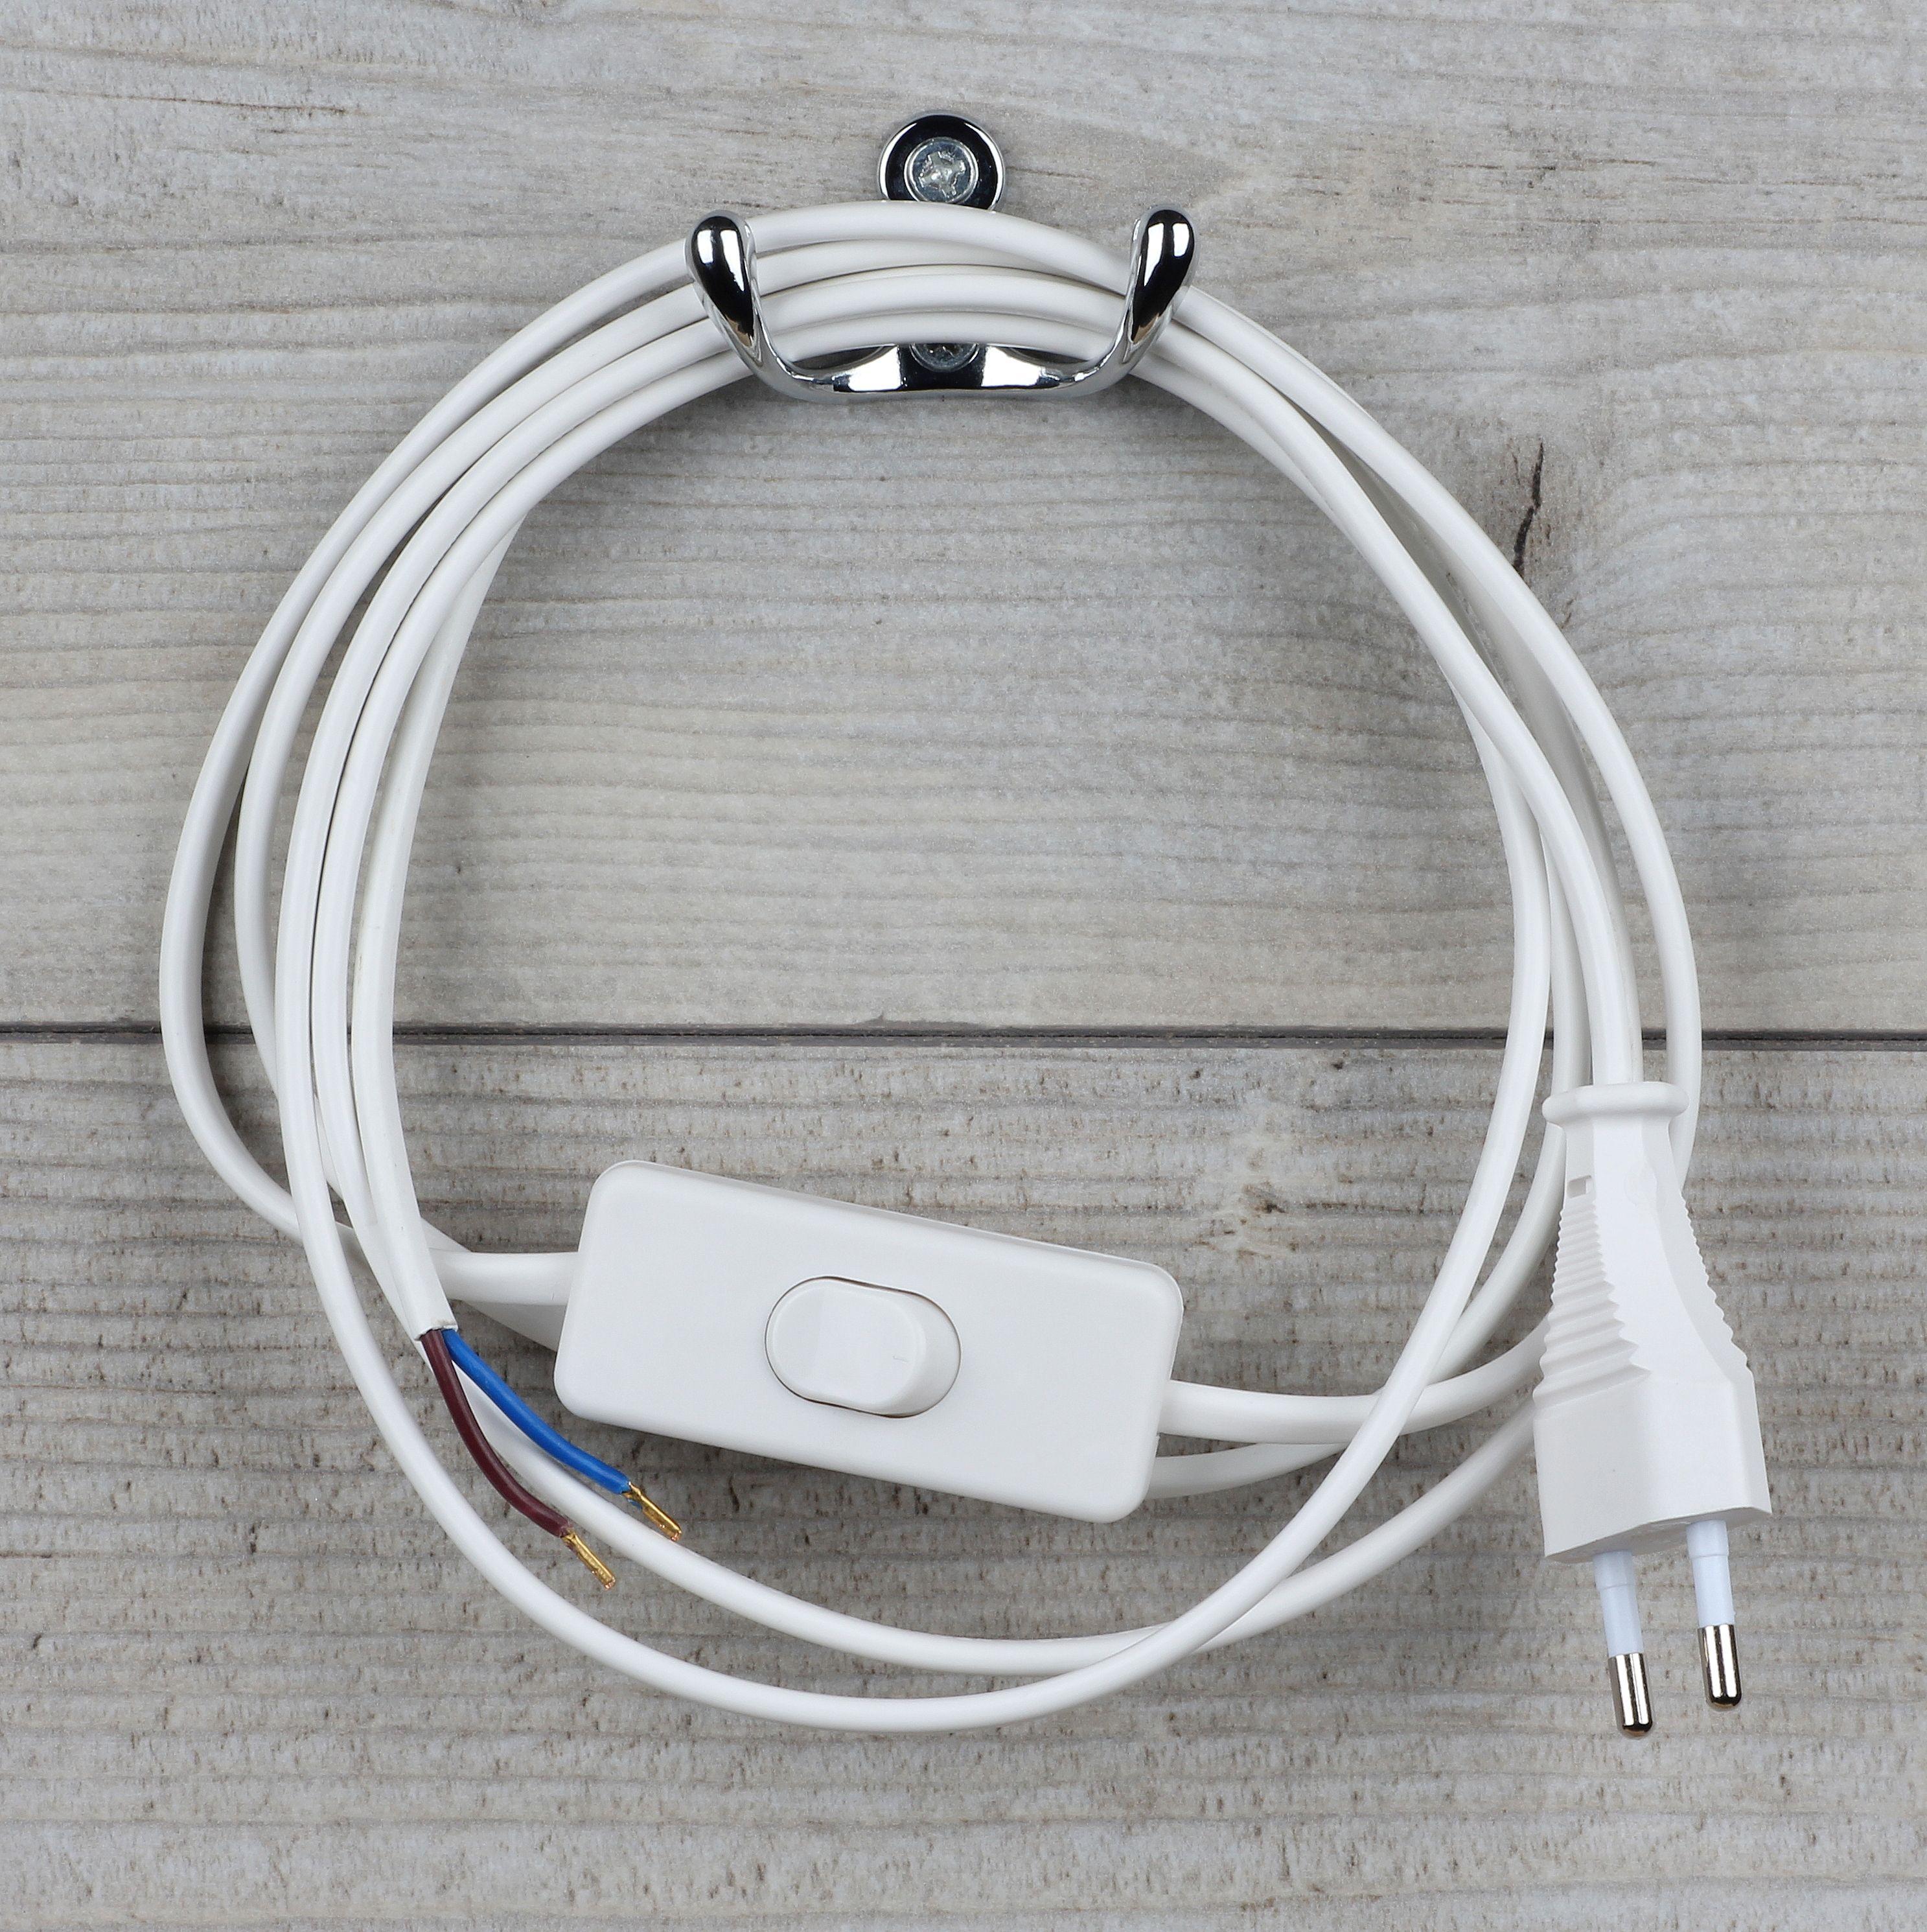 Lampen Anschlussleitung Mit Schalter Und Stecker 4 83 A Schalter Stecker Lampen